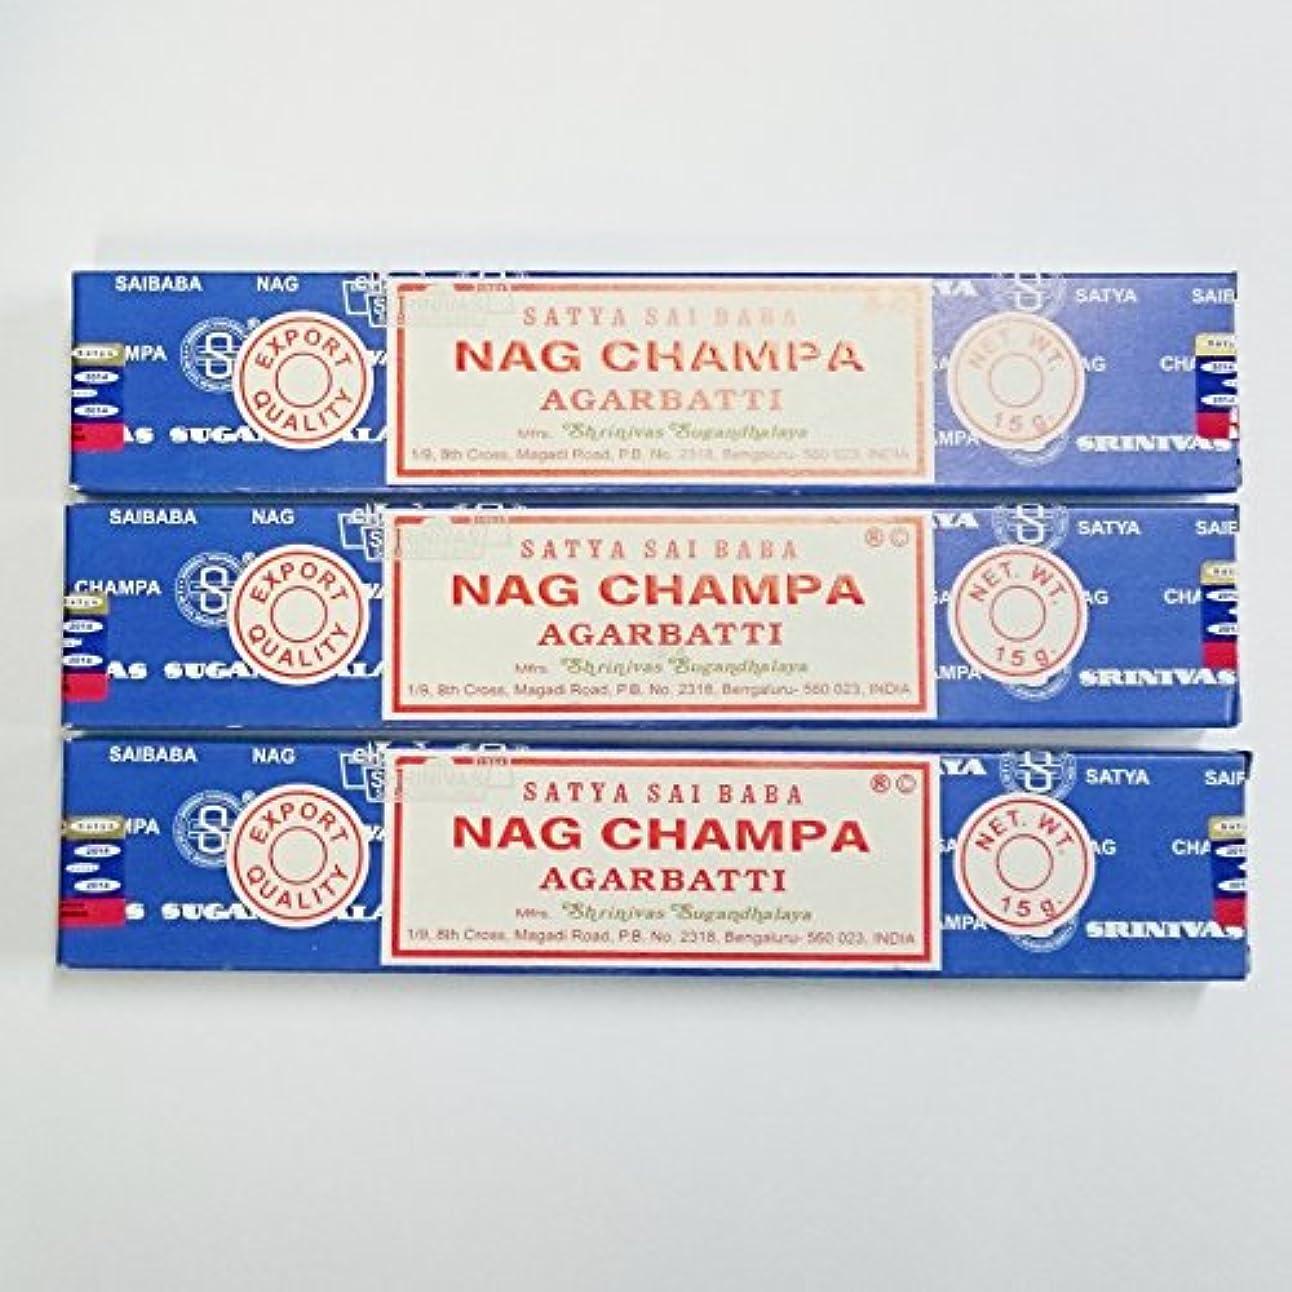 振る舞いトランジスタ馬鹿HEM社の7チャクラ&SATYA サイババナグチャンパ香 3箱セット